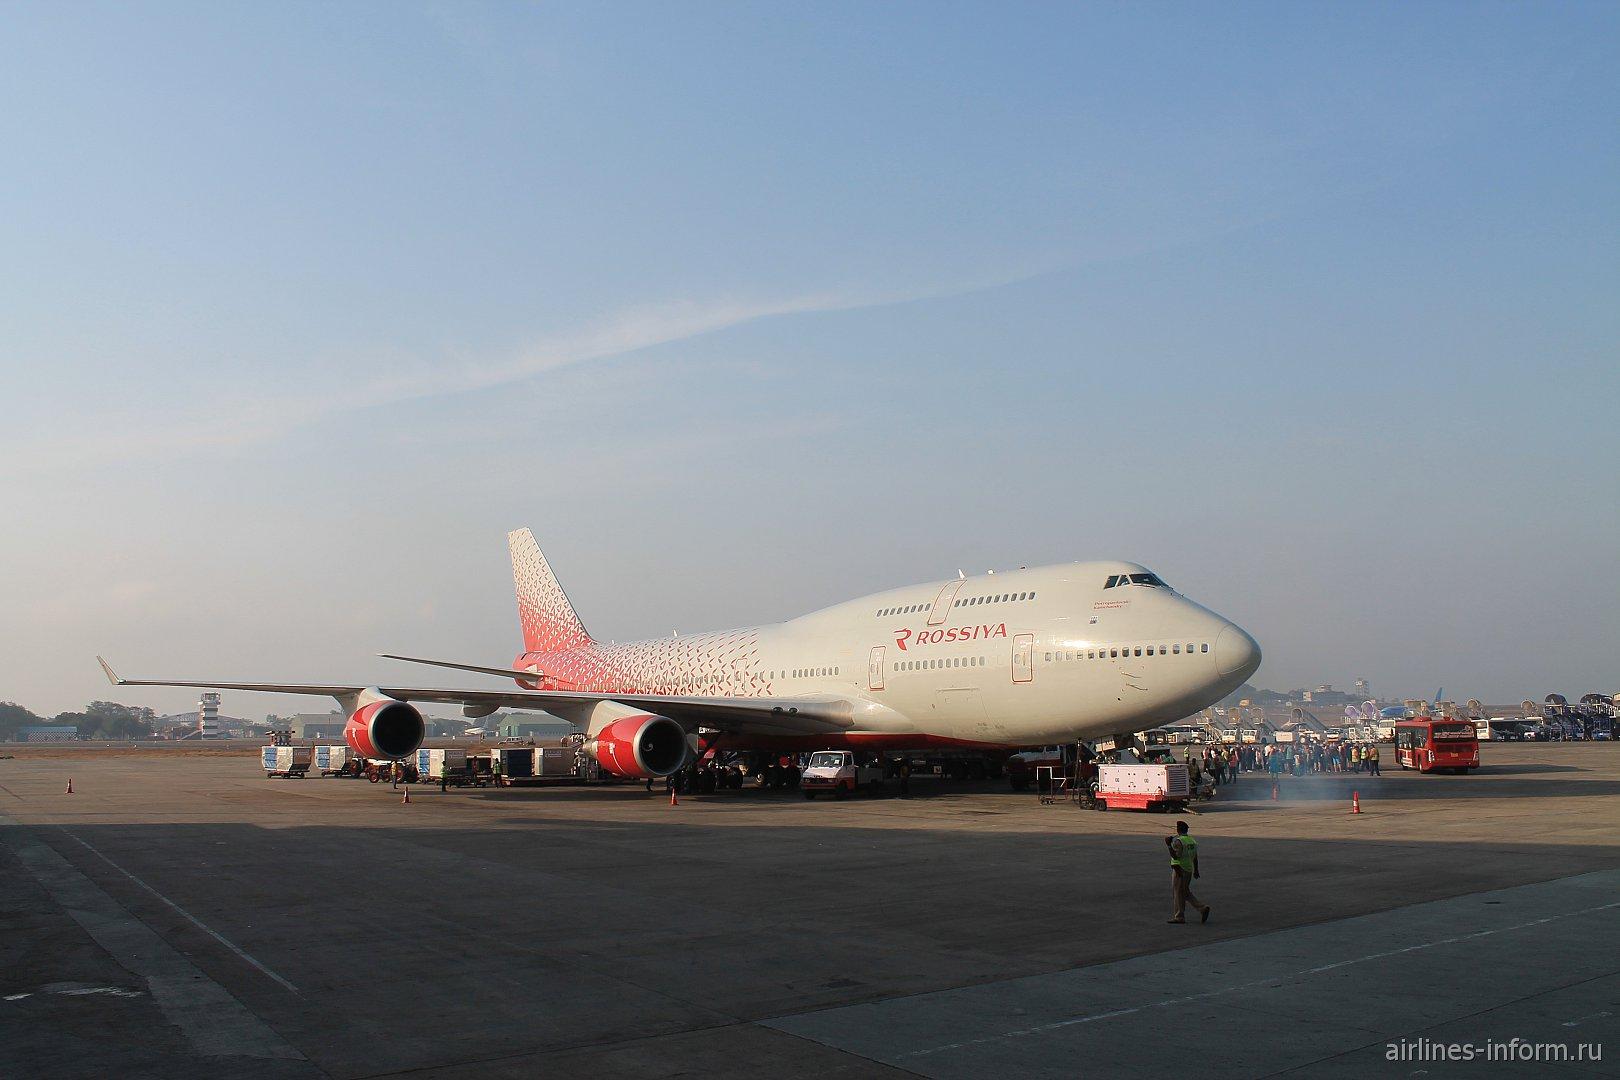 Москва (VKO) - Гоа (GOI) чартерный рейс с Rossiya Airlines